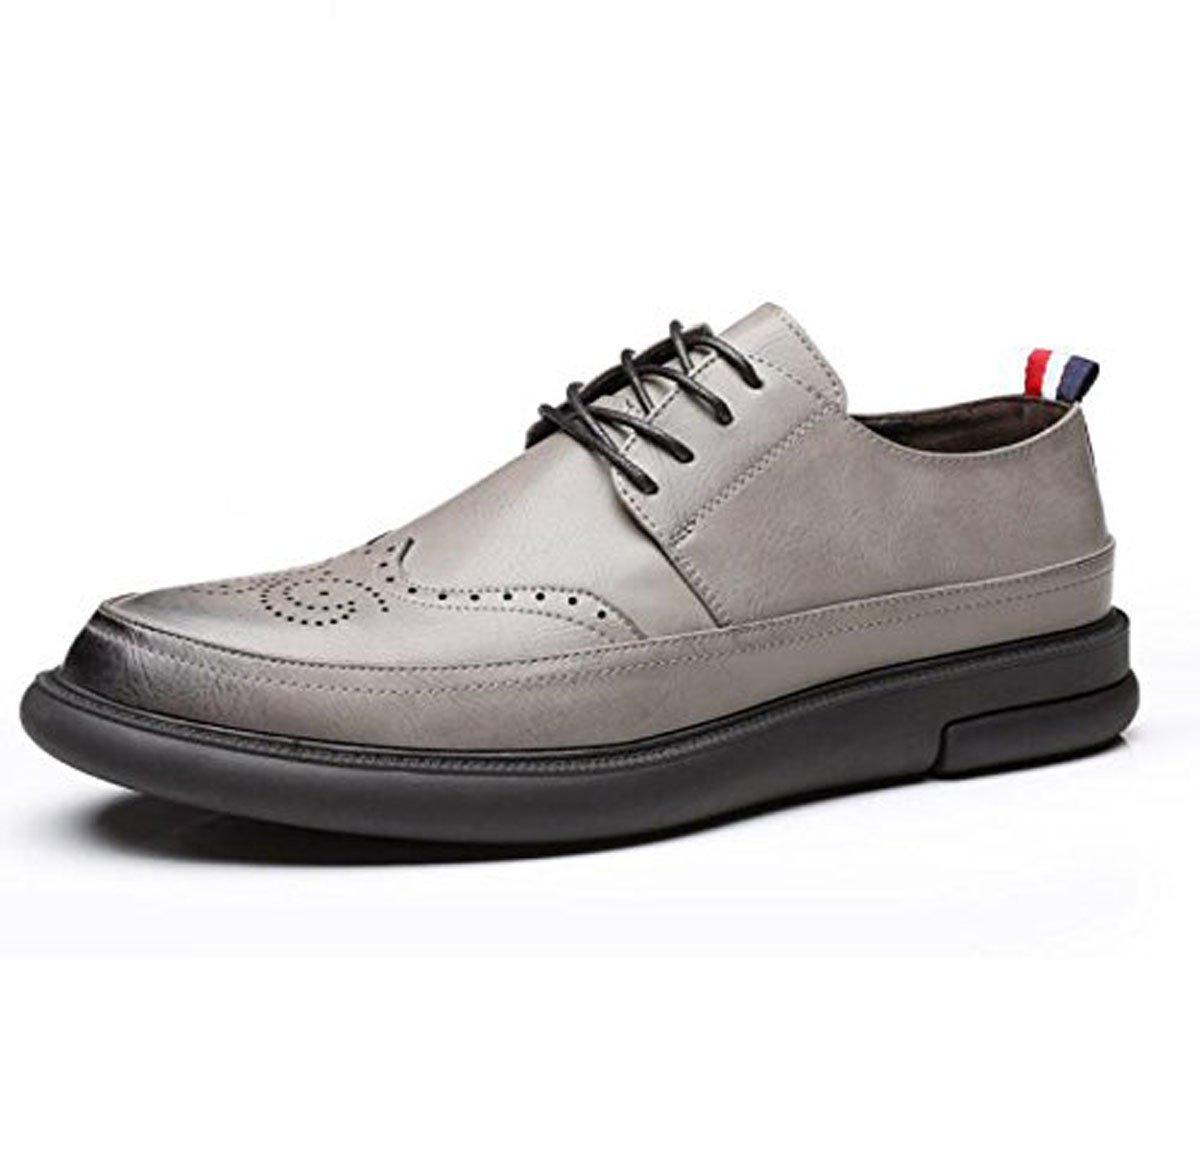 Koyi Zapatos Nuevos para Hombres Zapatos Casuales De Moda Resistentes Al Desgaste Zapatos Antideslizantes Tallados con Cordones Cordones 44 EU|Grey